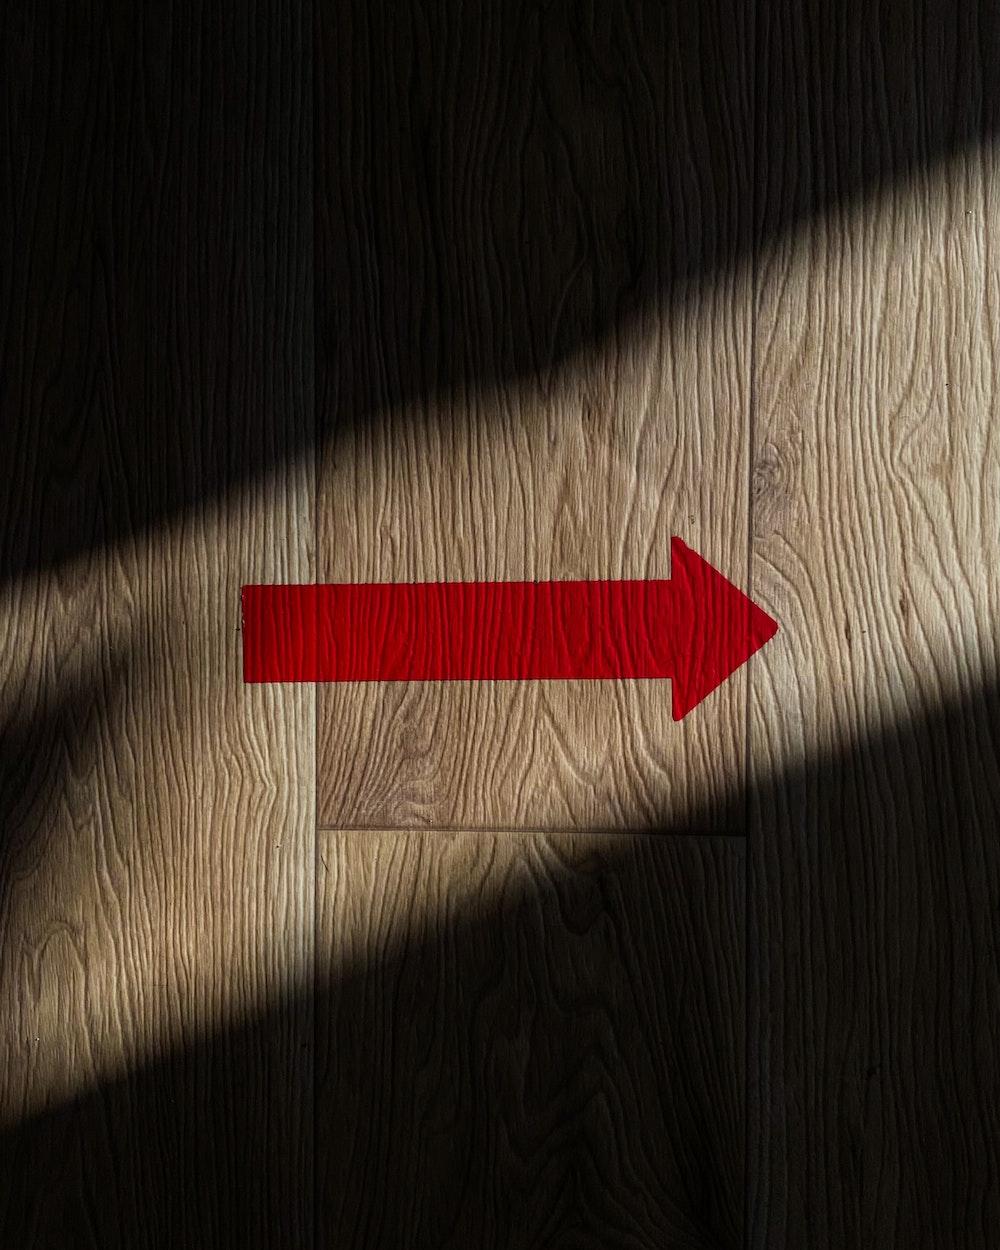 Trævæg med en rød pil, der peger mod højre